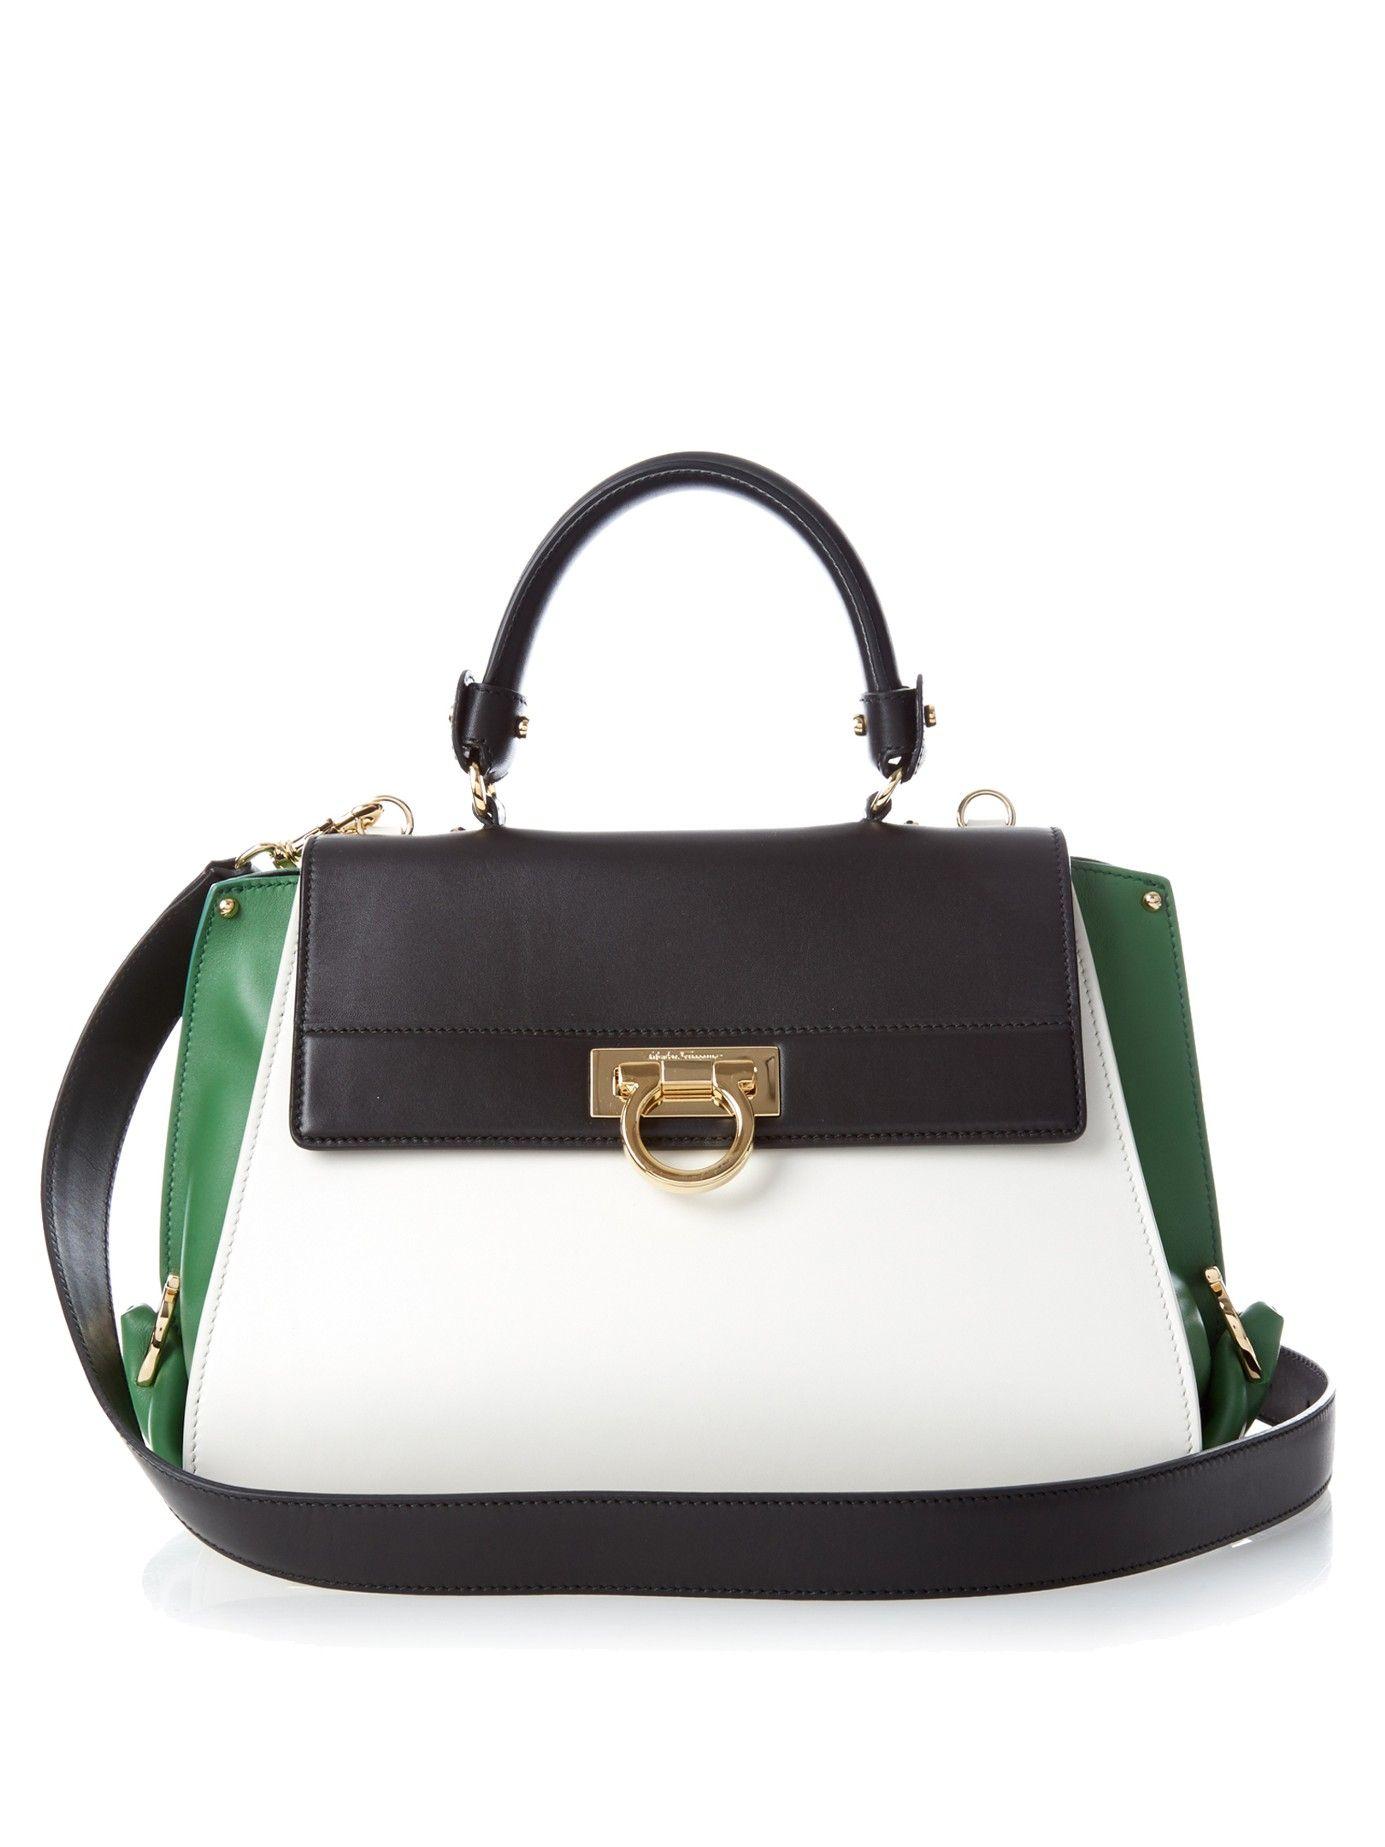 6445a6d7e0d4 Sofia medium tri-colour leather tote